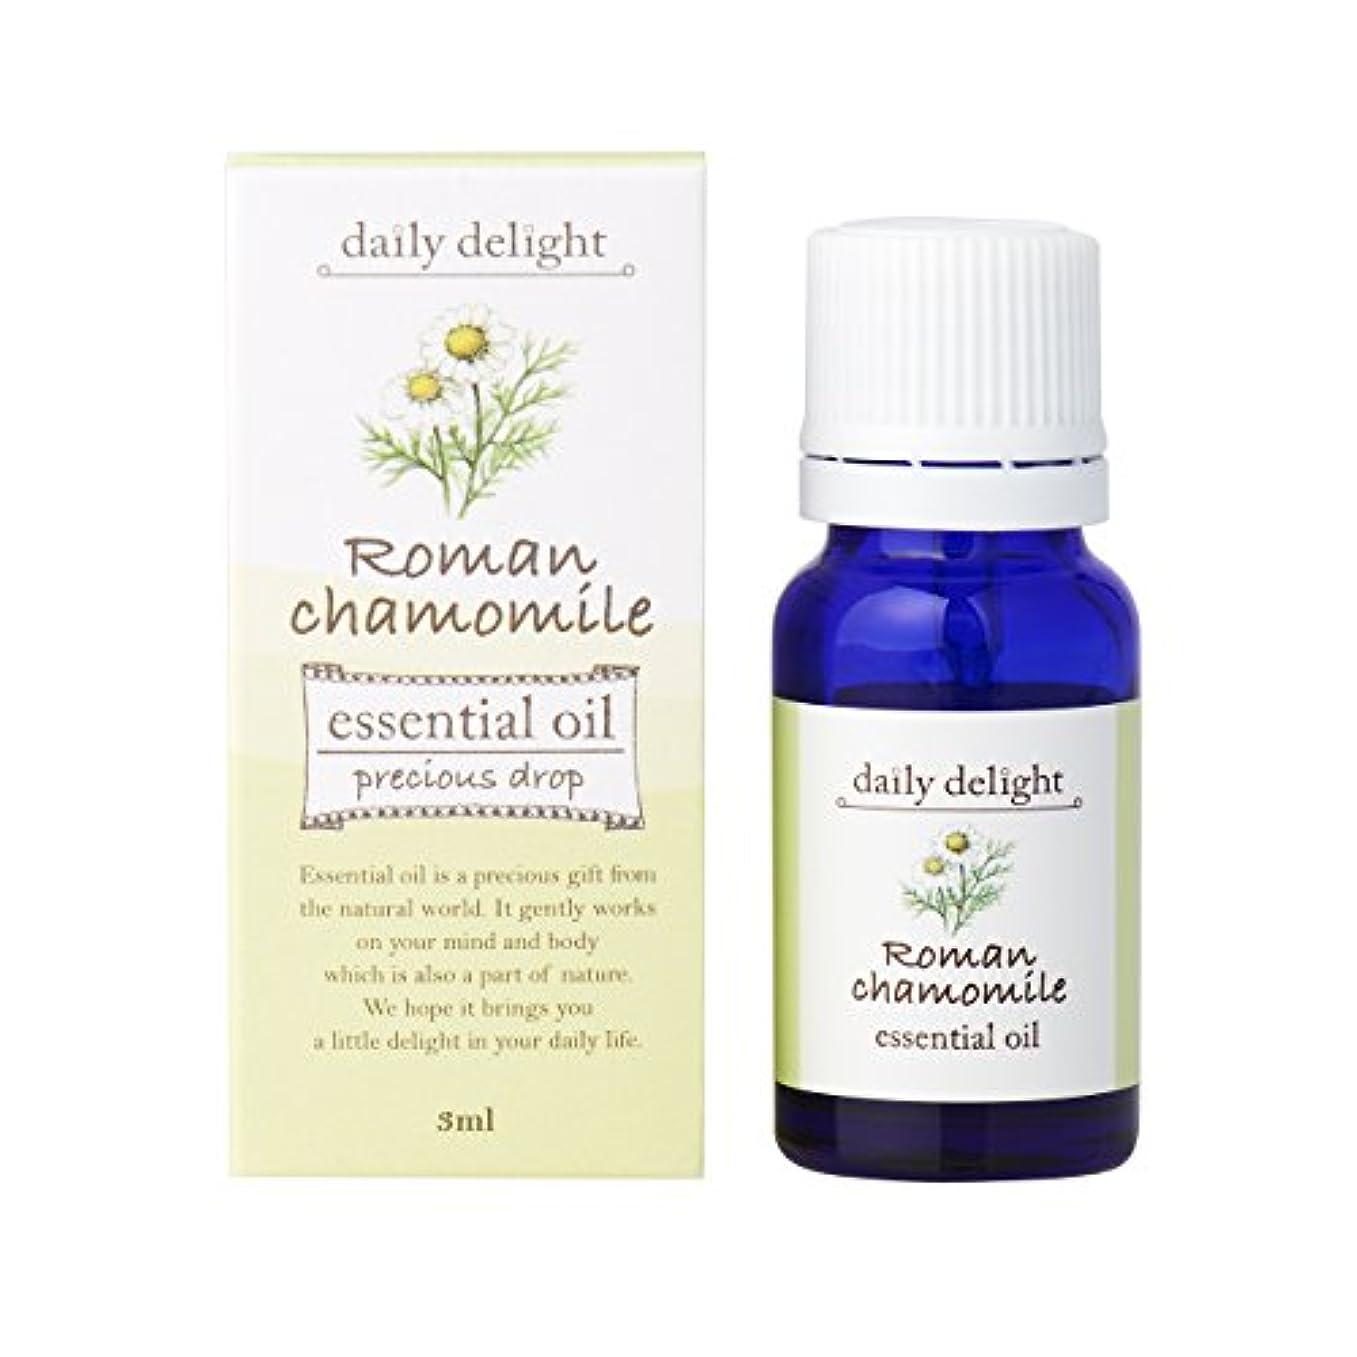 お嬢暖かさまたはデイリーディライト エッセンシャルオイル ローマンカモミール 3ml(天然100% 精油 アロマ フローラル系 青リンゴに似た香り)